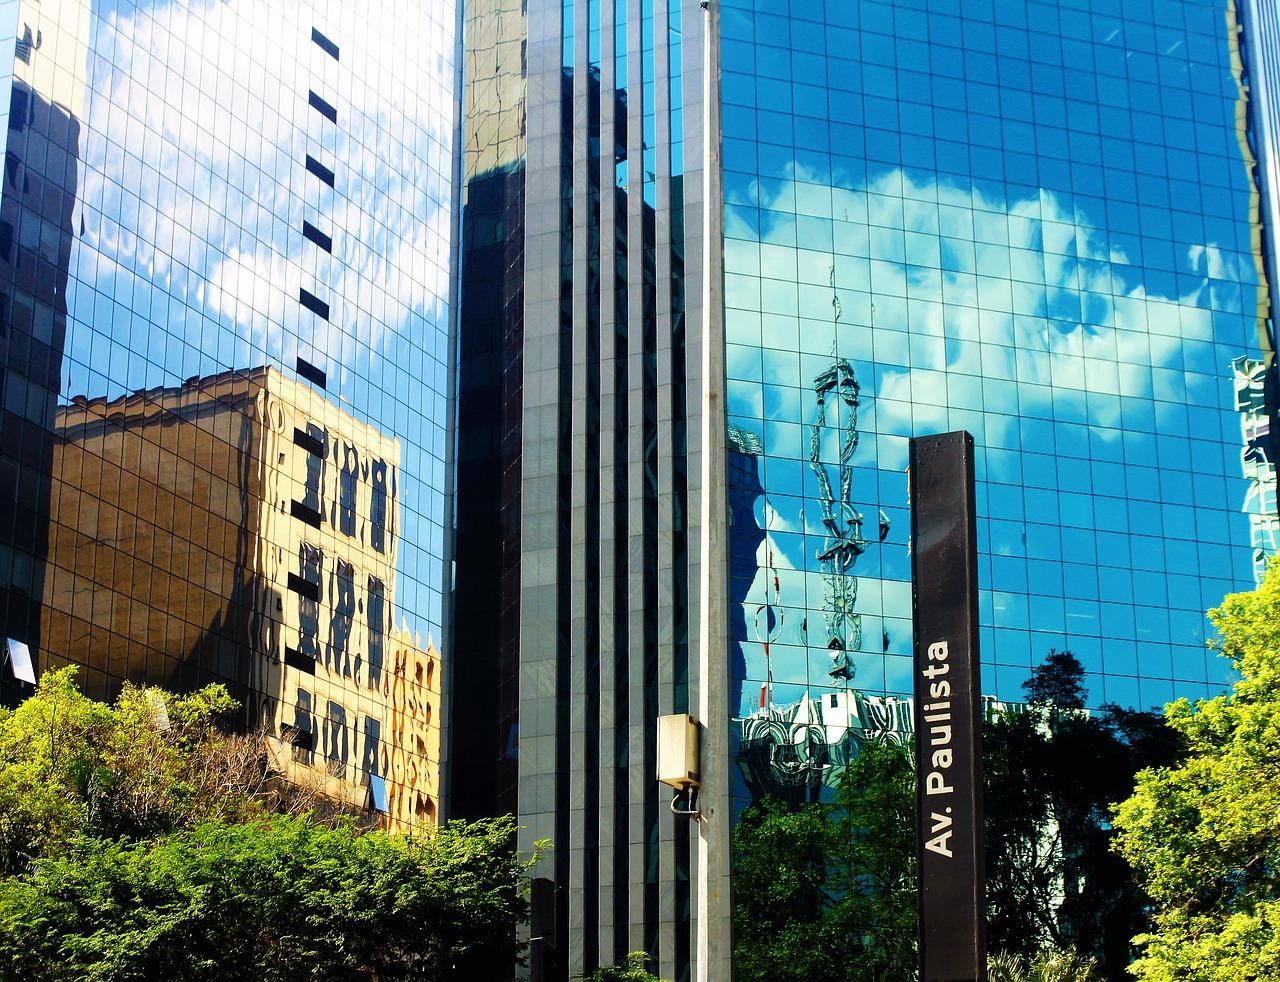 Fotos de São Paulo - Avenida Paulista